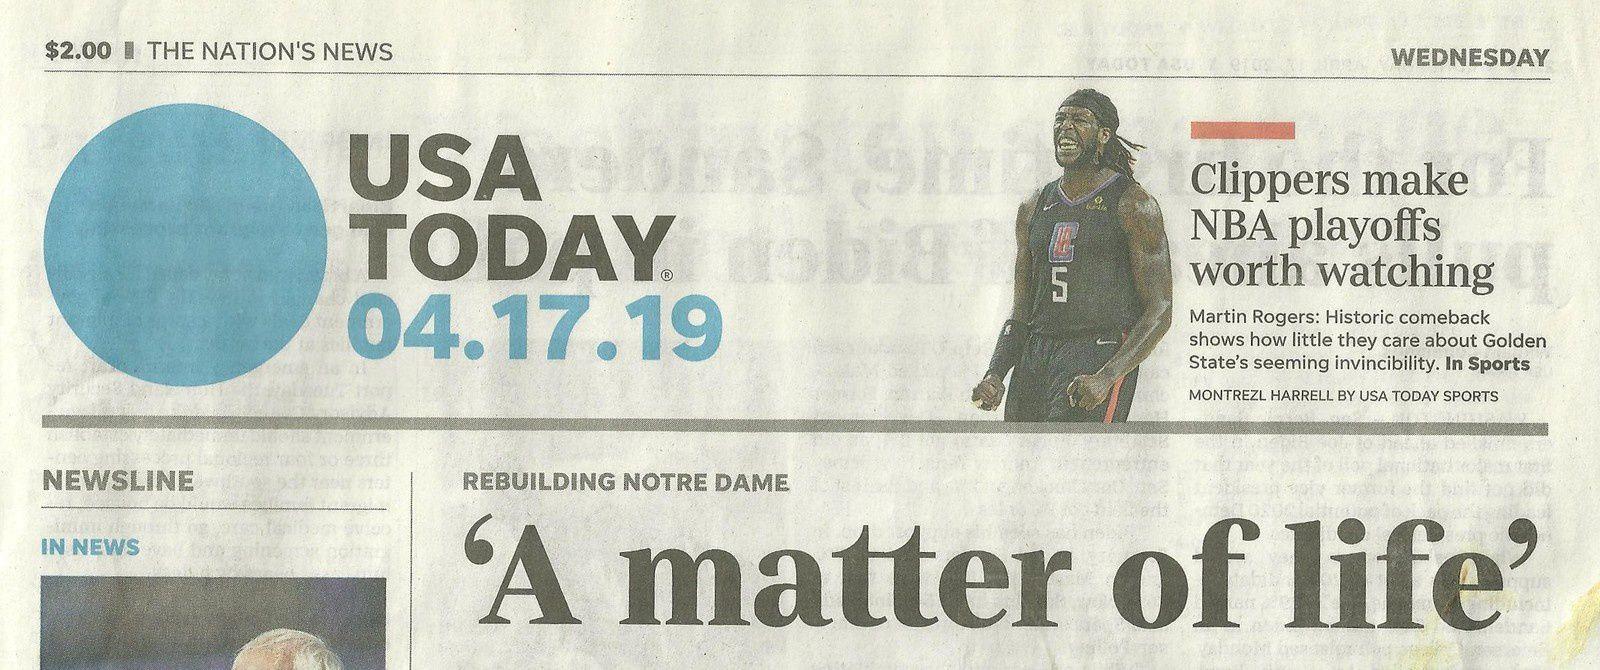 """Le quotidien USA TODAY dont j'ai tiré toutes les illustrations de cet article, en fait sa Une avec le titre """"A matter of life"""" (Une question de vie). Celle-ci se prolonge en page intérieure."""